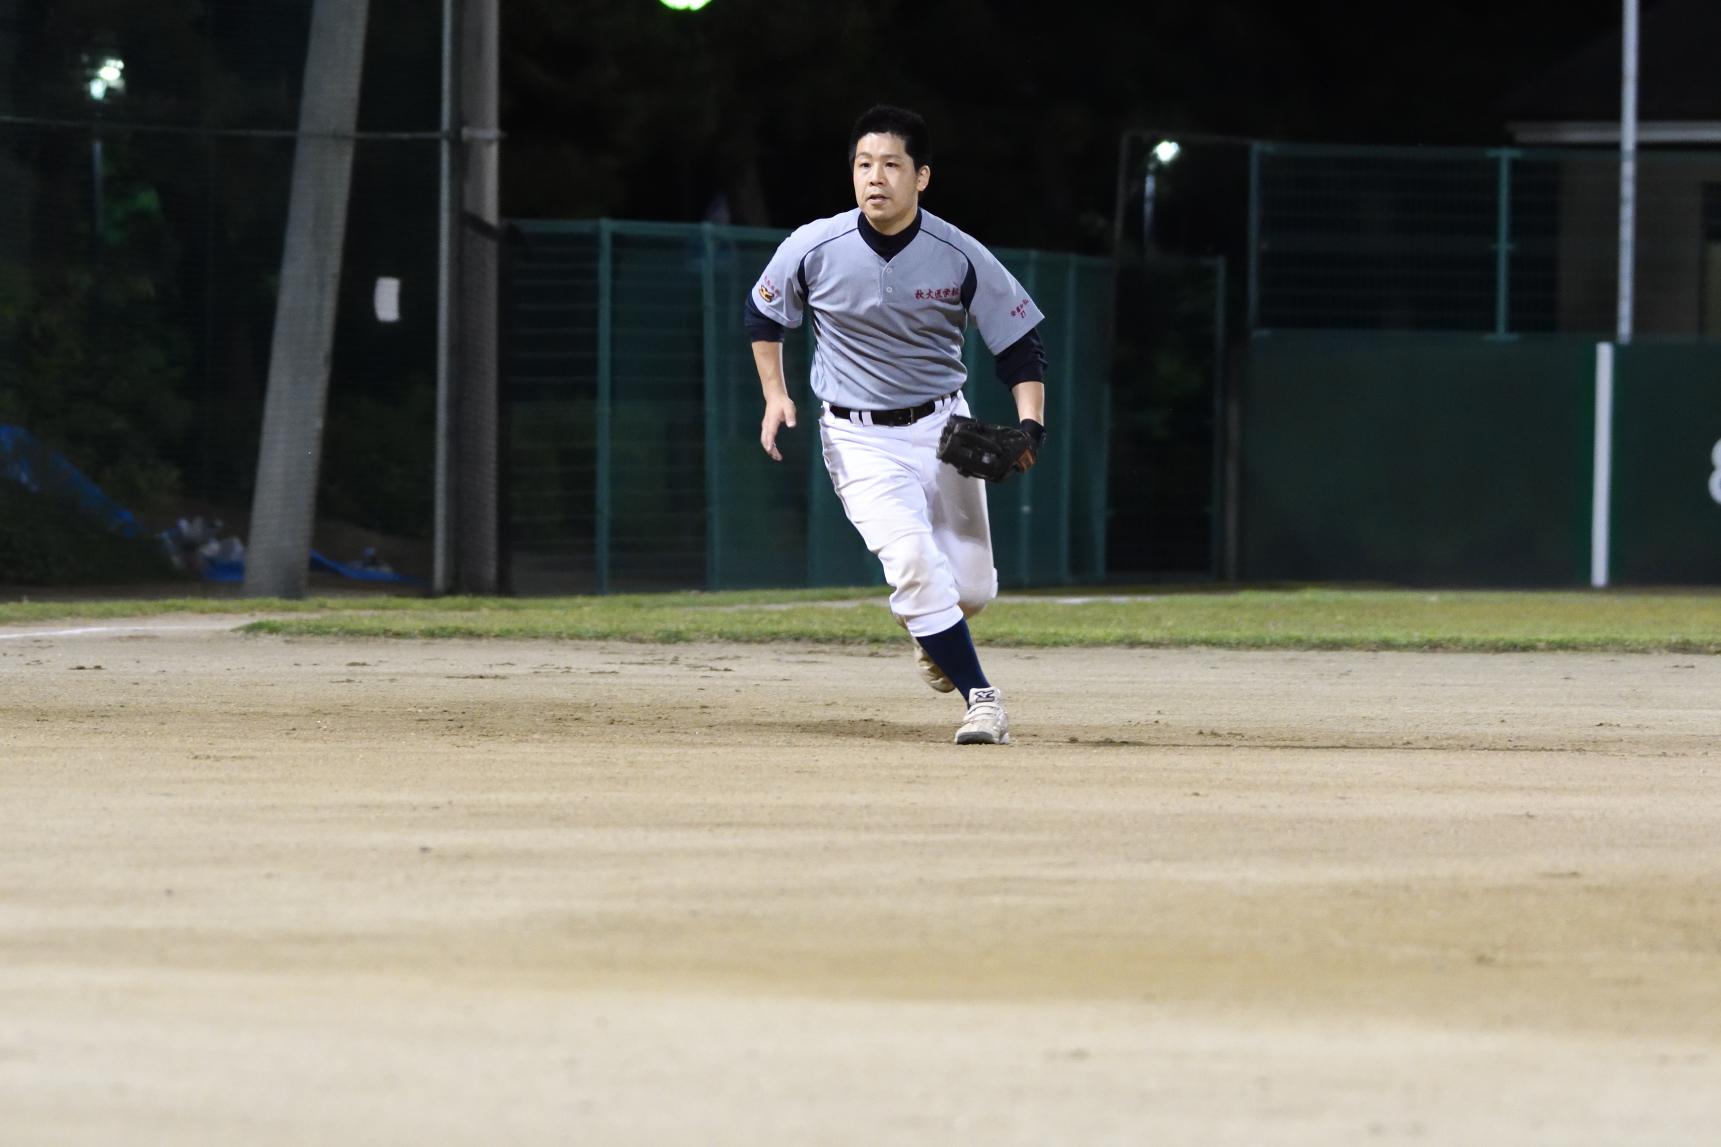 野球担当の安藤先生。気合が違います。